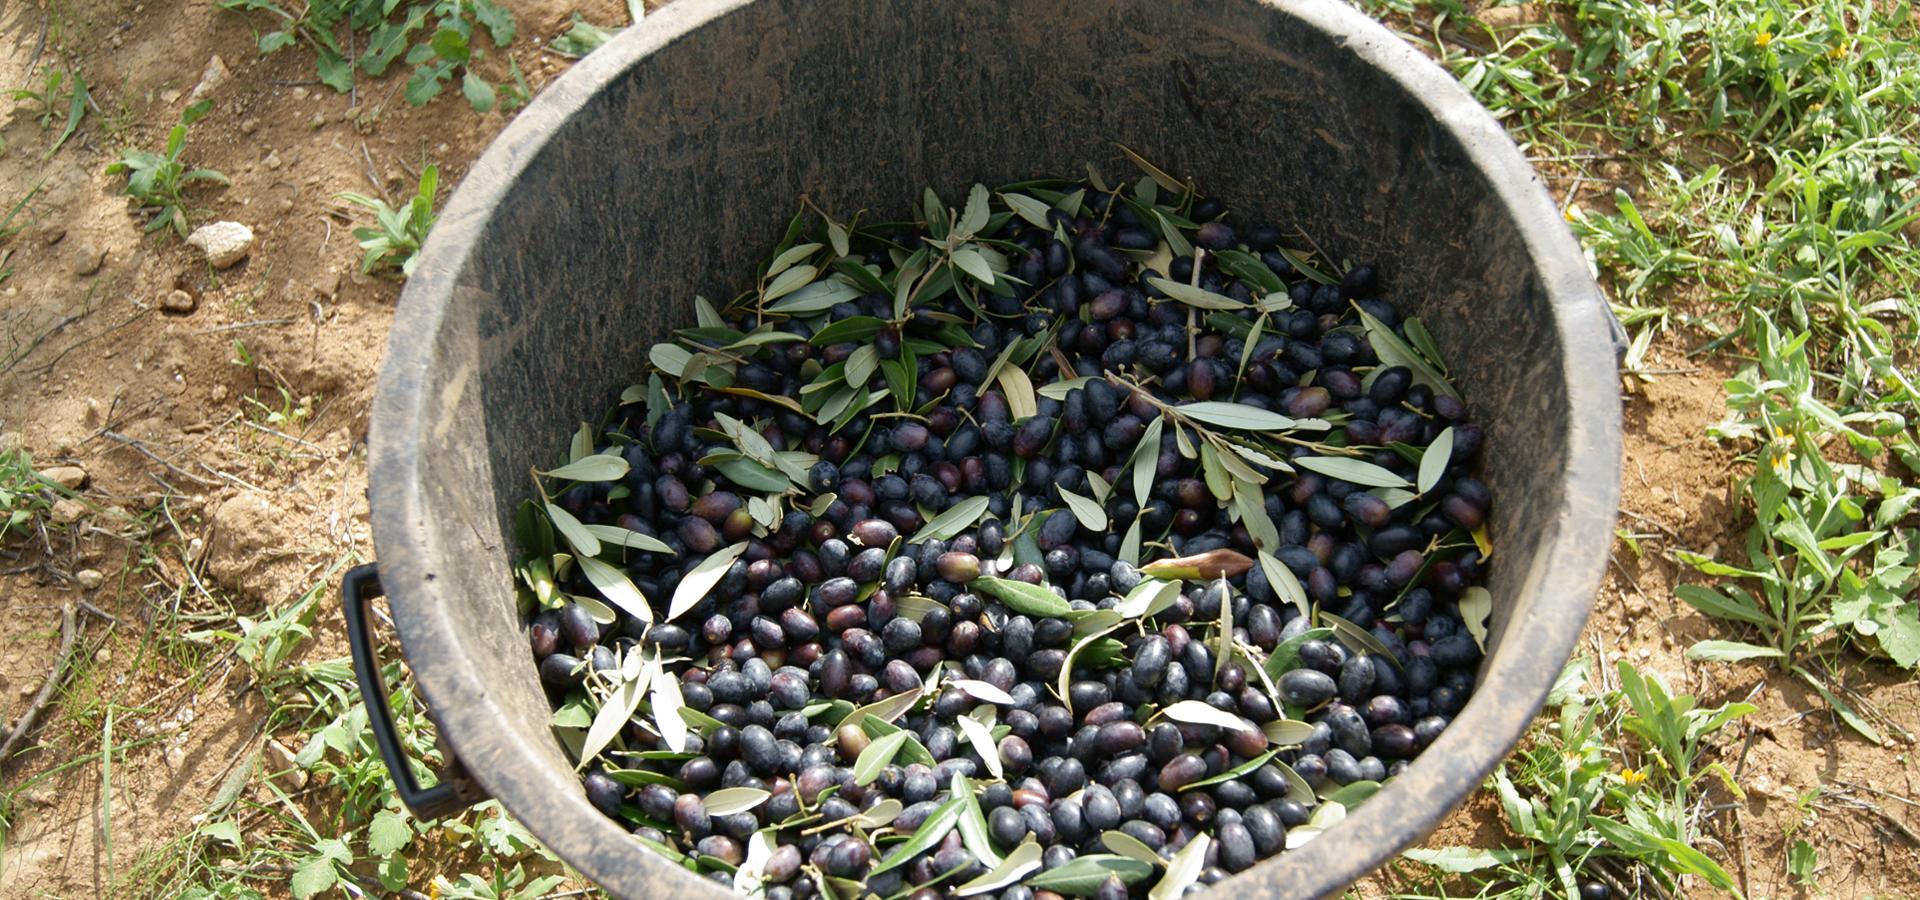 Olio Evo Cos'è: tutto sull'olio extravergine d'oliva